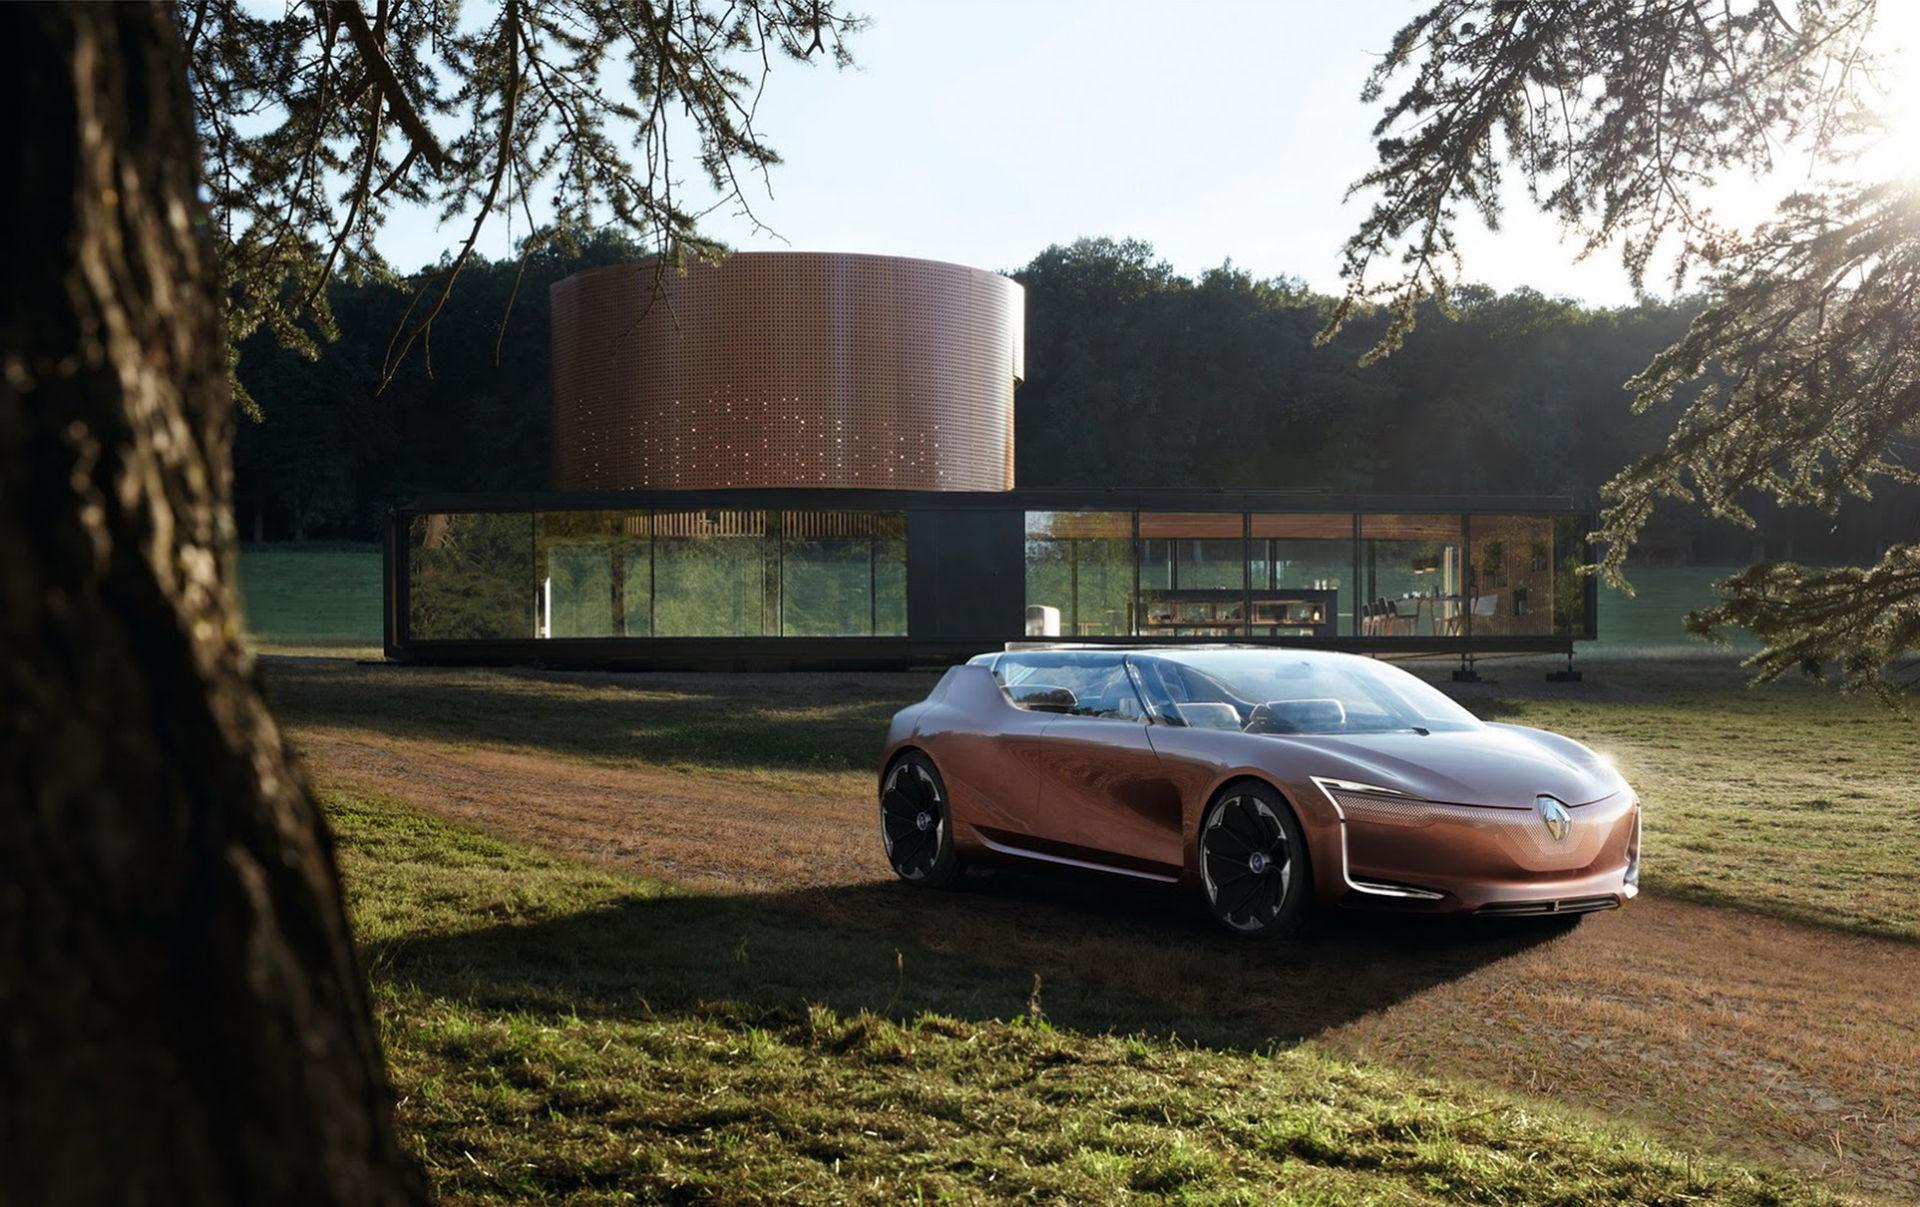 Renaults nya konceptbil är en naturlig del av huset